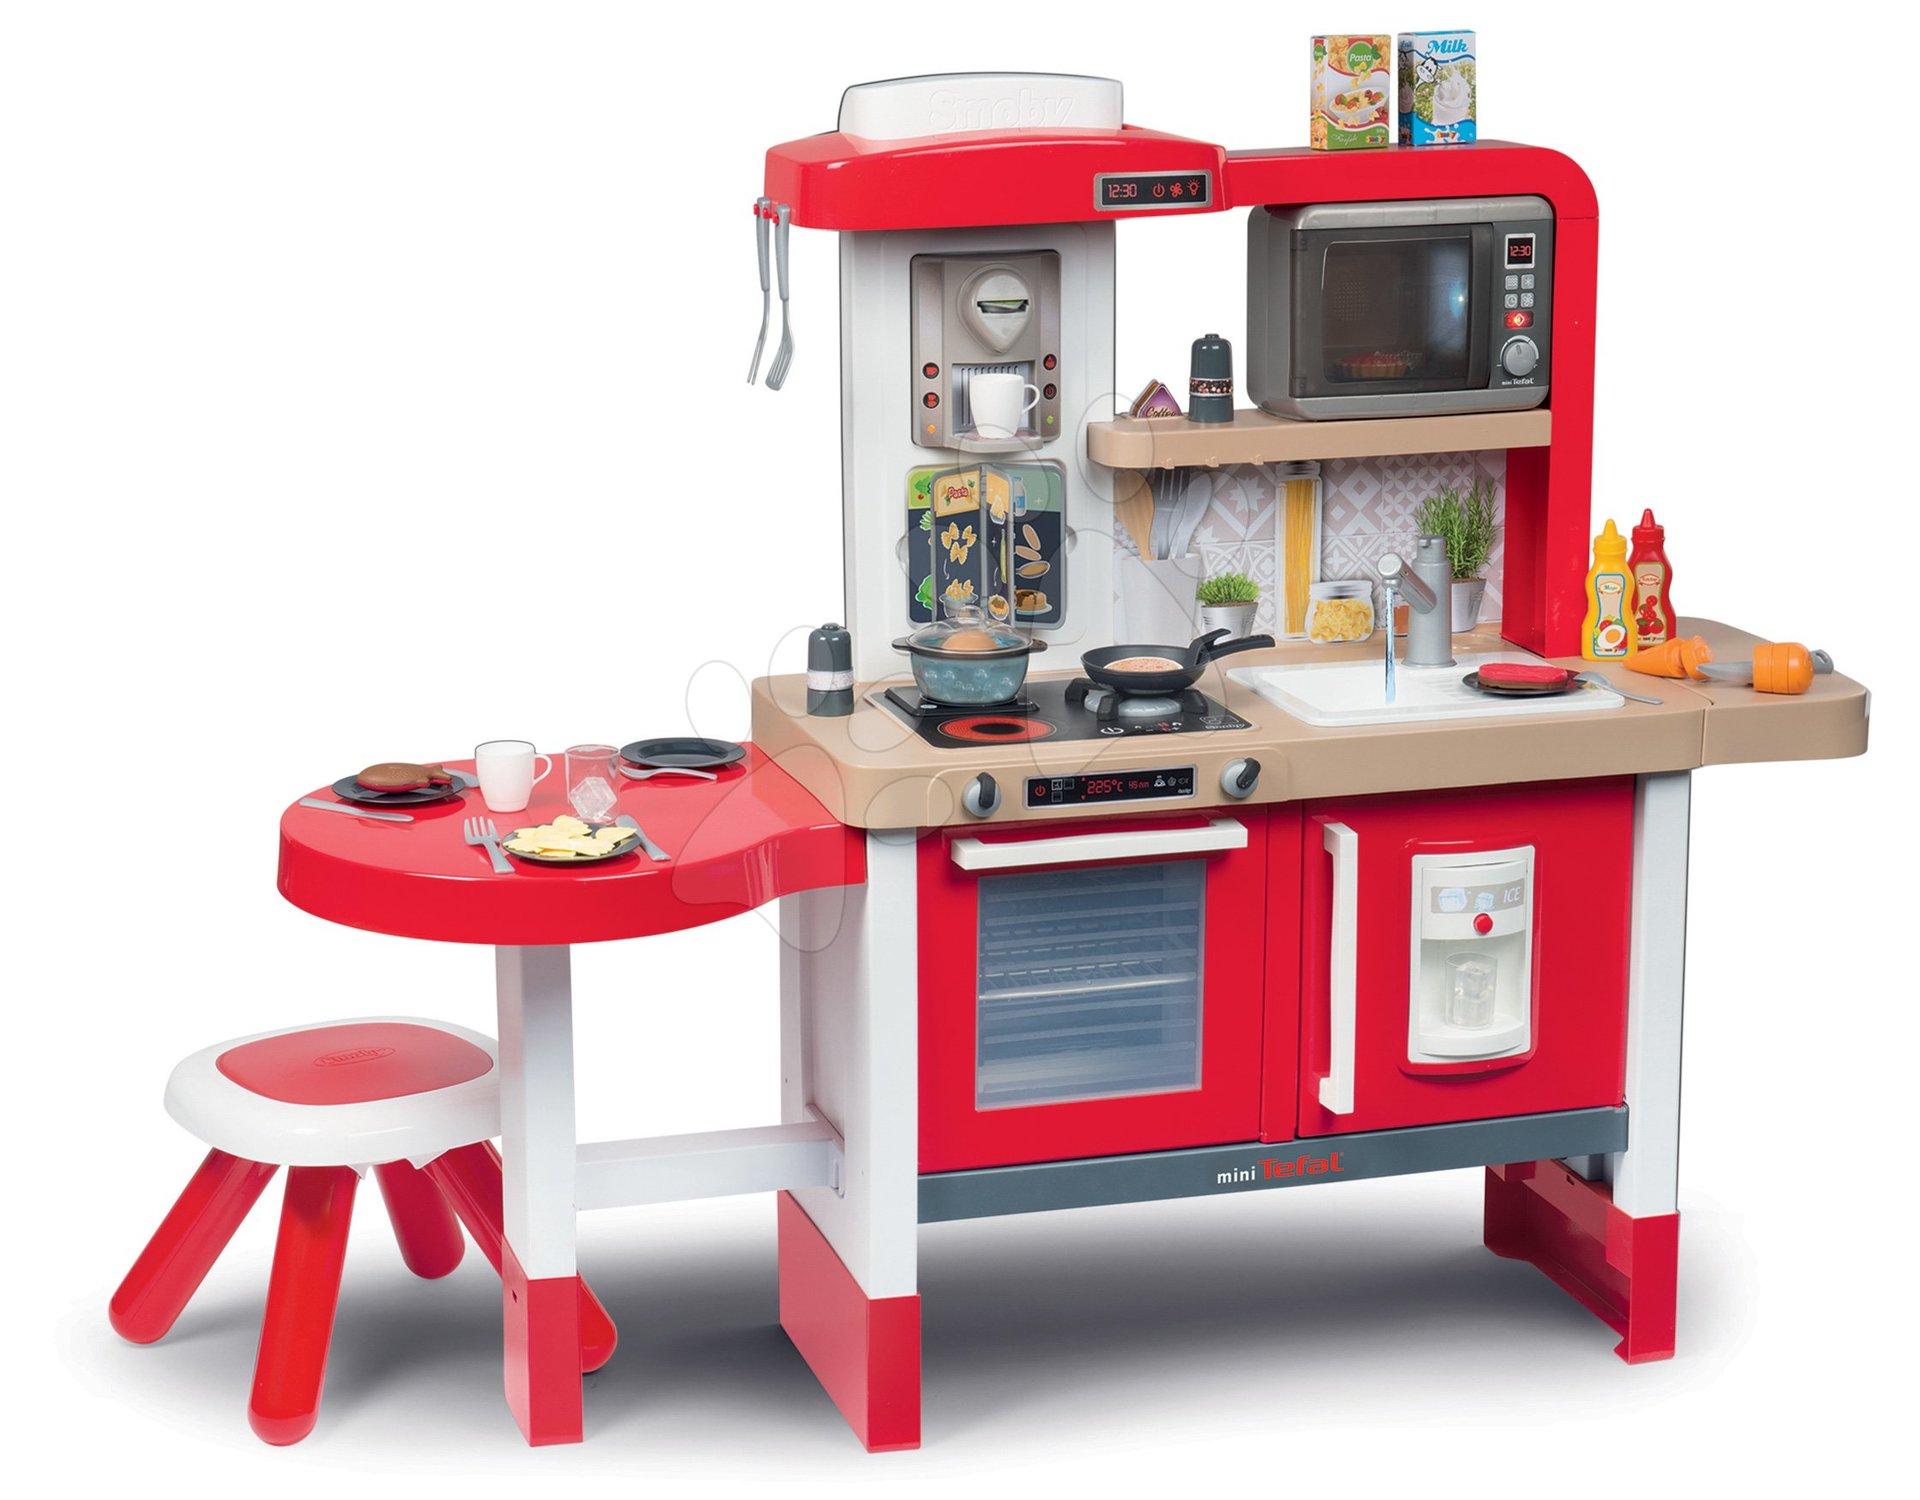 Elektronické kuchynky - Kuchynka rastúca s tečúcou vodou a mikrovlnkou Tefal Evolutive Gourment Smoby červená s magickým bublaním stoličkou a 43 doplnkov